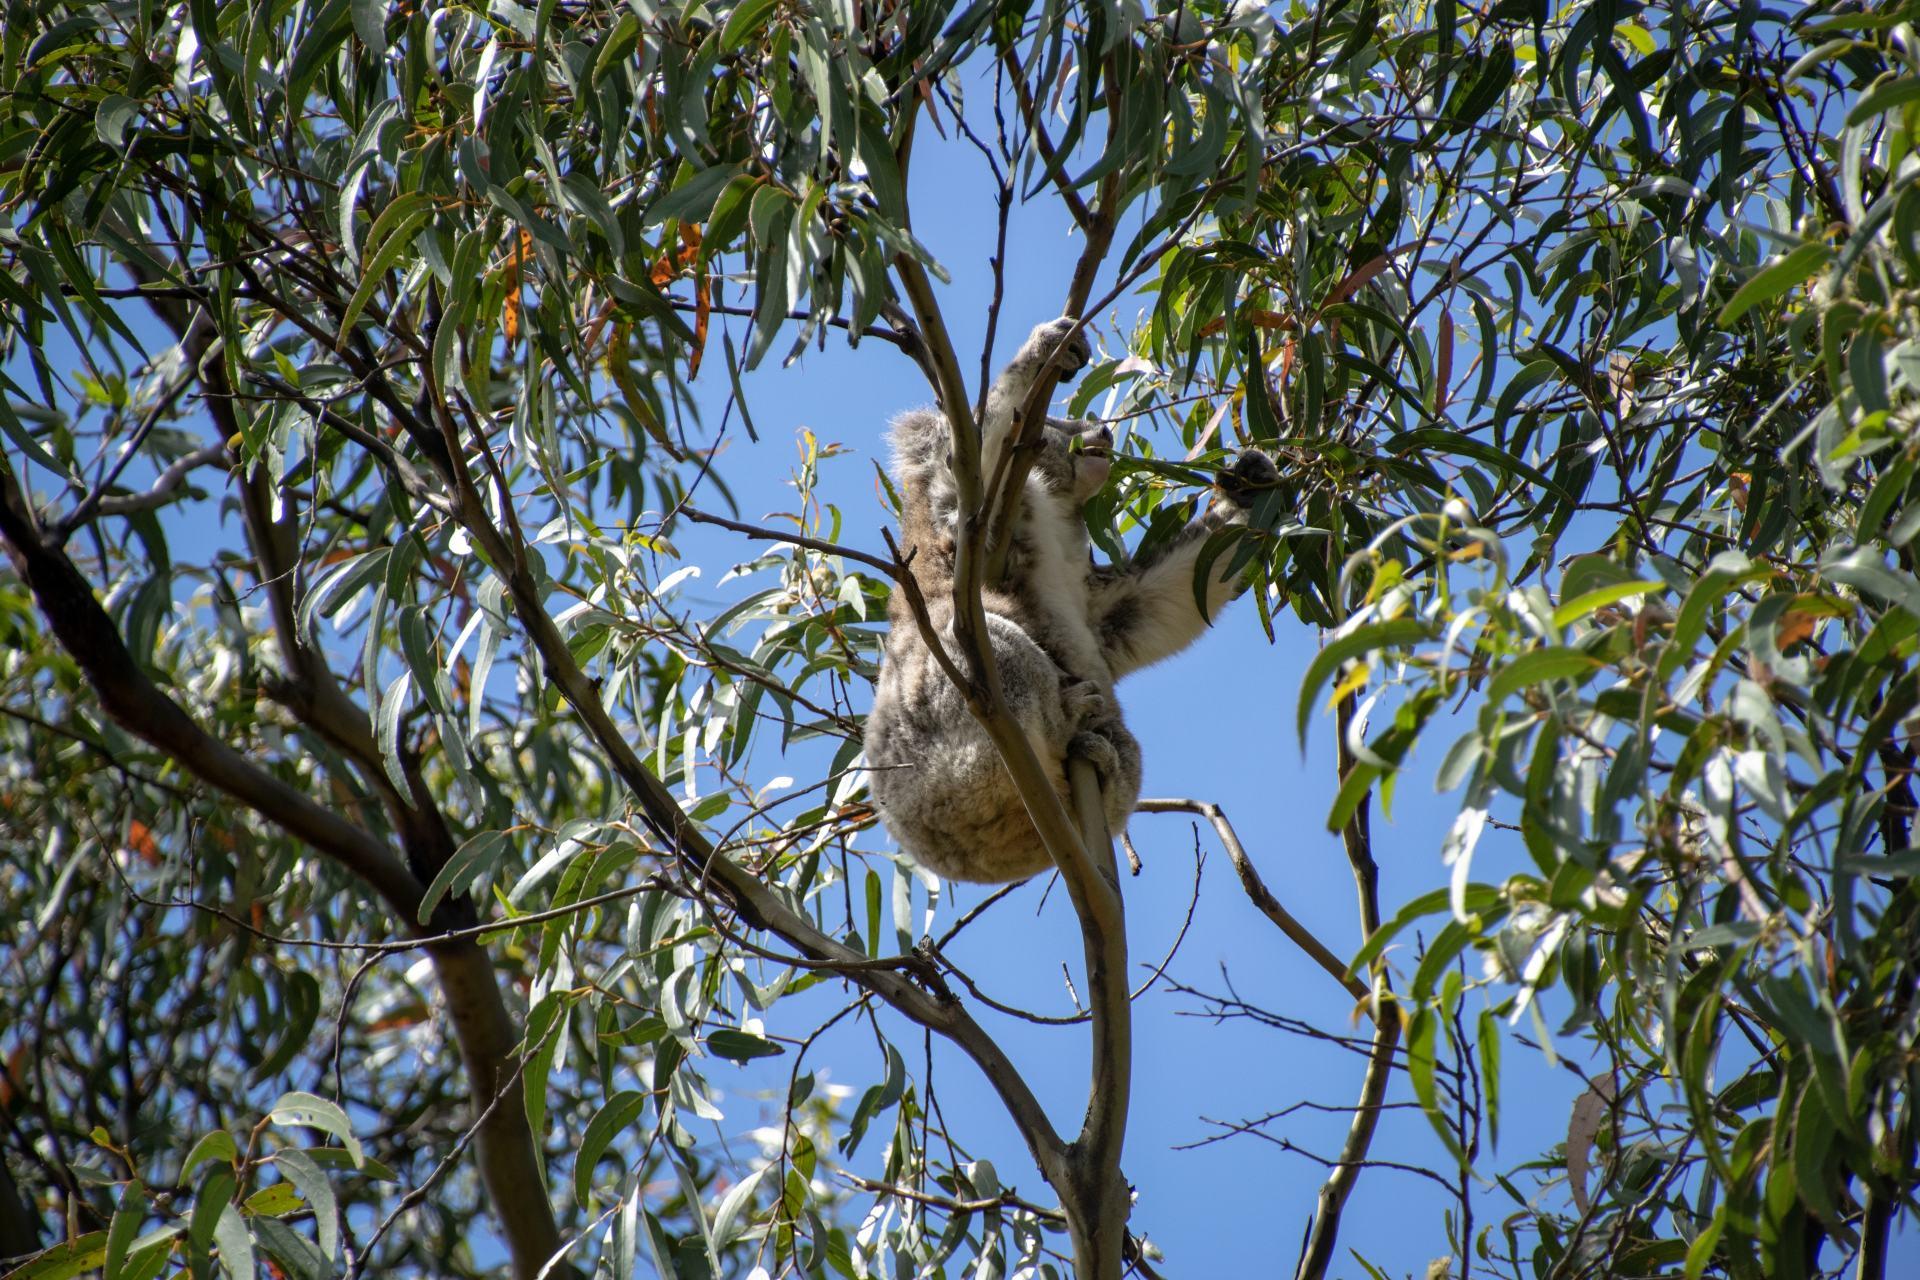 koala climbing in the trees